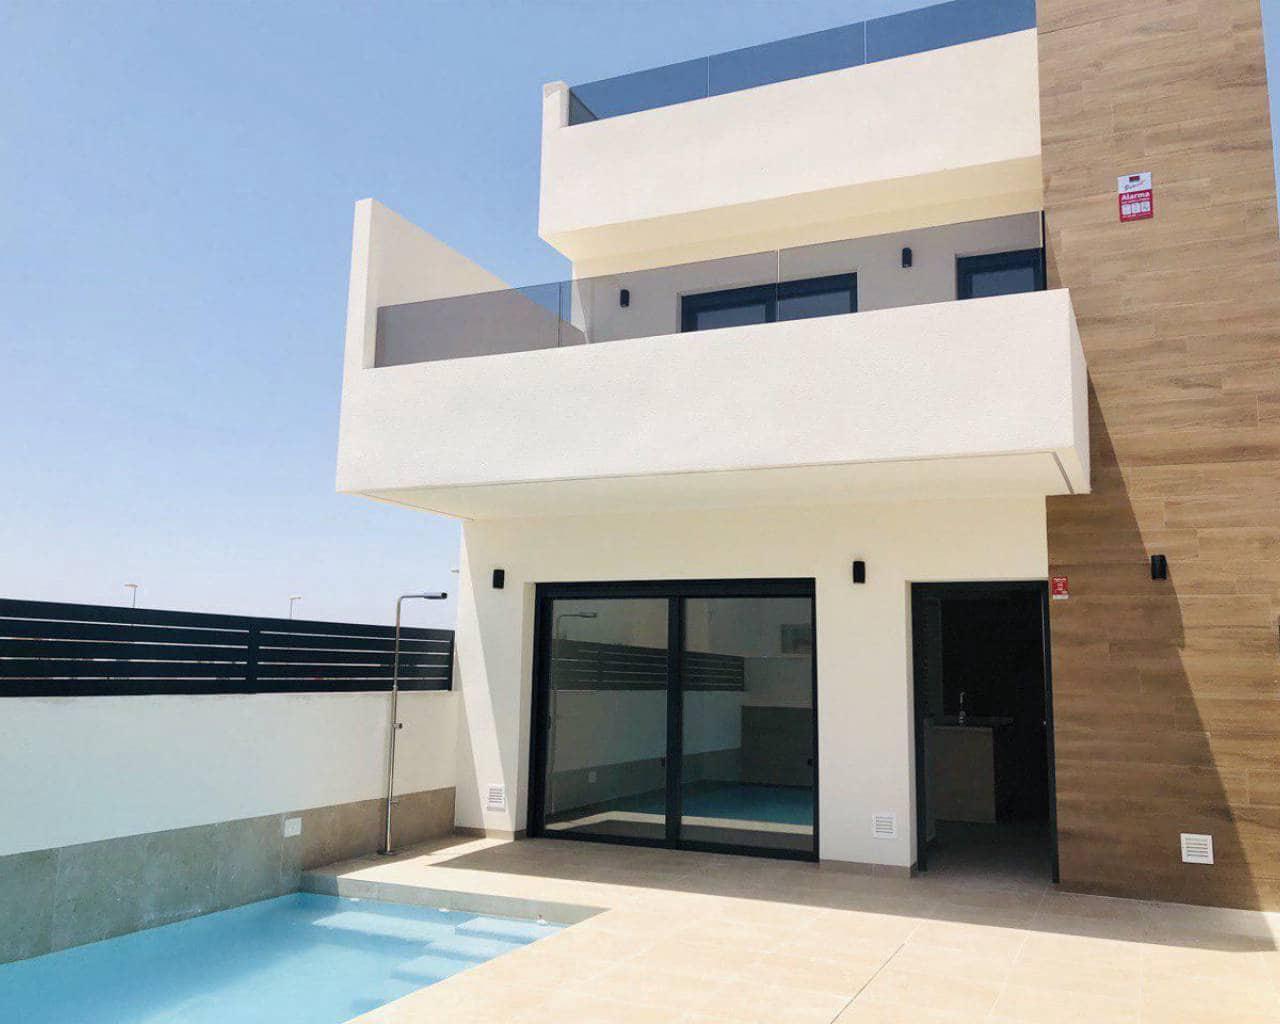 3 bedroom Villa for sale in Benijofar with pool - € 225,000 (Ref: 5750338)